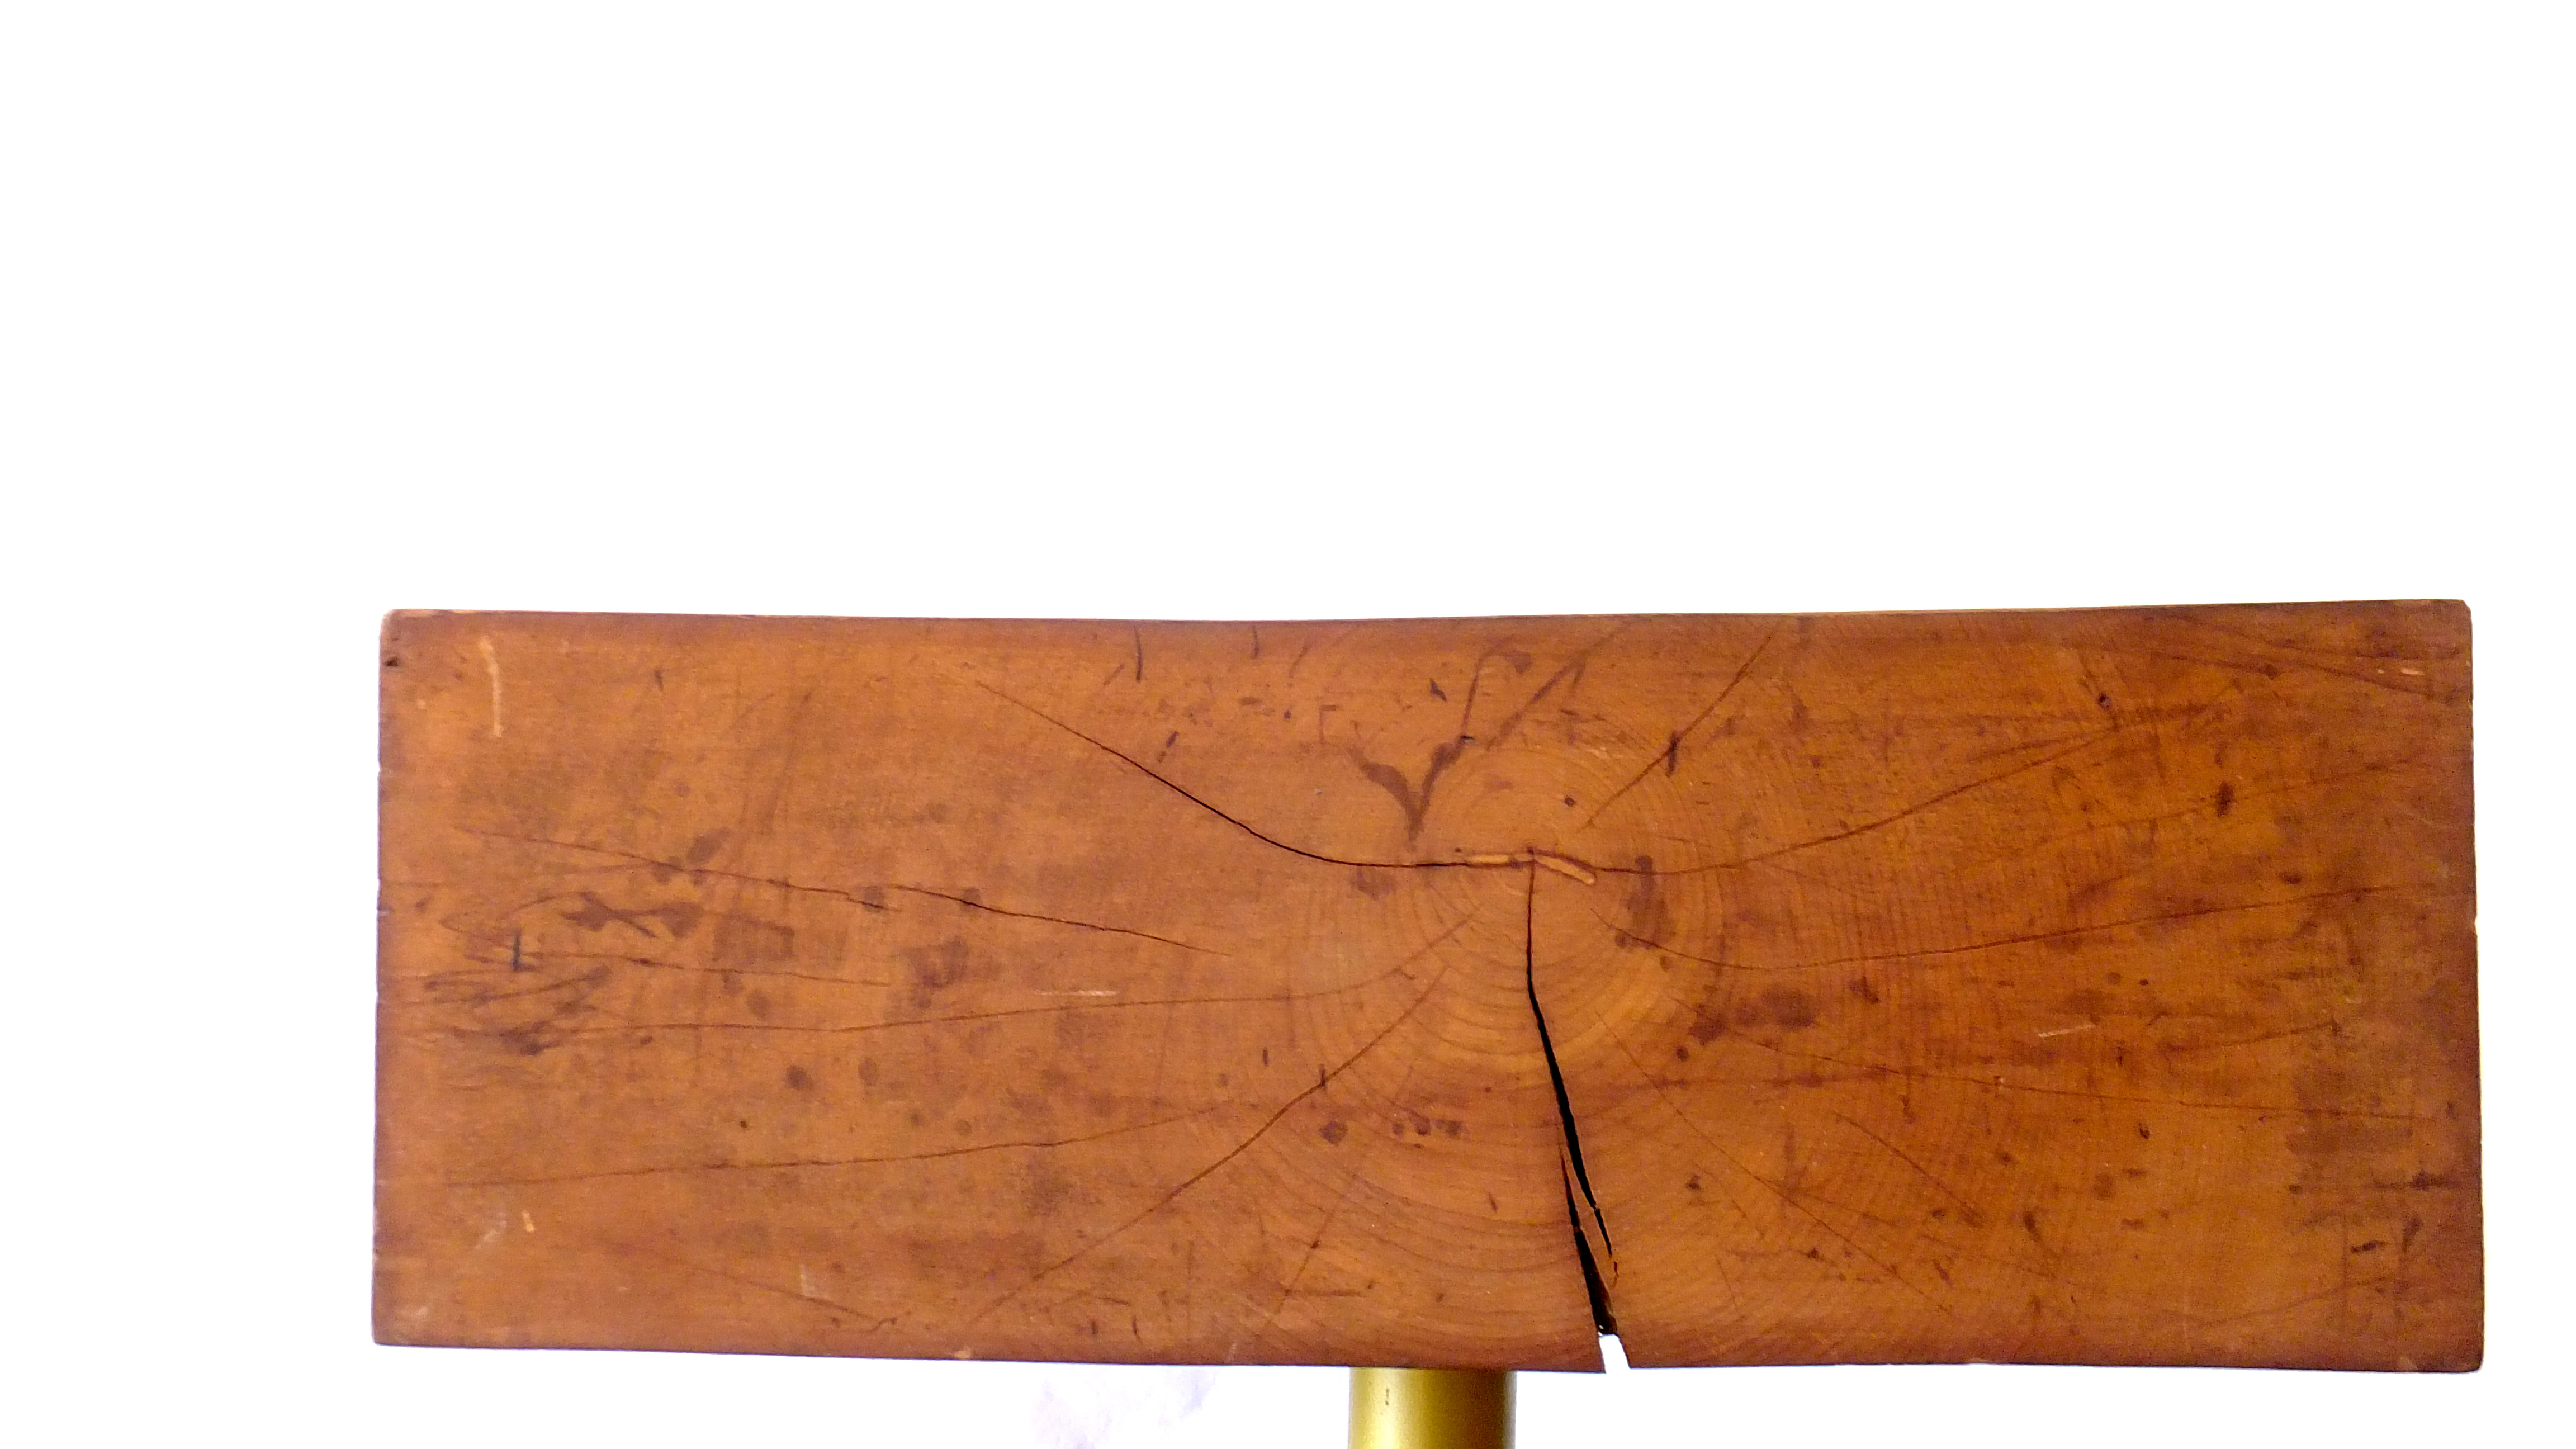 古材、廃材を組み合わせできたスツール/サイドテーブル。厚みのある木の重厚感が魅力的です。回転式の脚を付けているので、使い勝手がよくソファーの横に置く。サイドテーブルとしても活躍してくれます。現行の物では、見かけない一点ものです。ヴィンテージスタイル、インダストリアルなど様々なインテリアスタイルに相性の良いお品物です。是非この機会にいかがでしょうか。~【東京都杉並区阿佐ヶ谷北アンティークショップ 古一/ZACK高円寺店】 古一では出張無料買取も行っております。杉並区周辺はもちろん、世田谷区・目黒区・武蔵野市・新宿区等の東京近郊のお見積もりも!ビンテージ家具・インテリア雑貨・ランプ・USED品・ リサイクルなら古一へ~,ユーズド, リサイクル,ふるいち,古市,フルイチ,used,furuichi